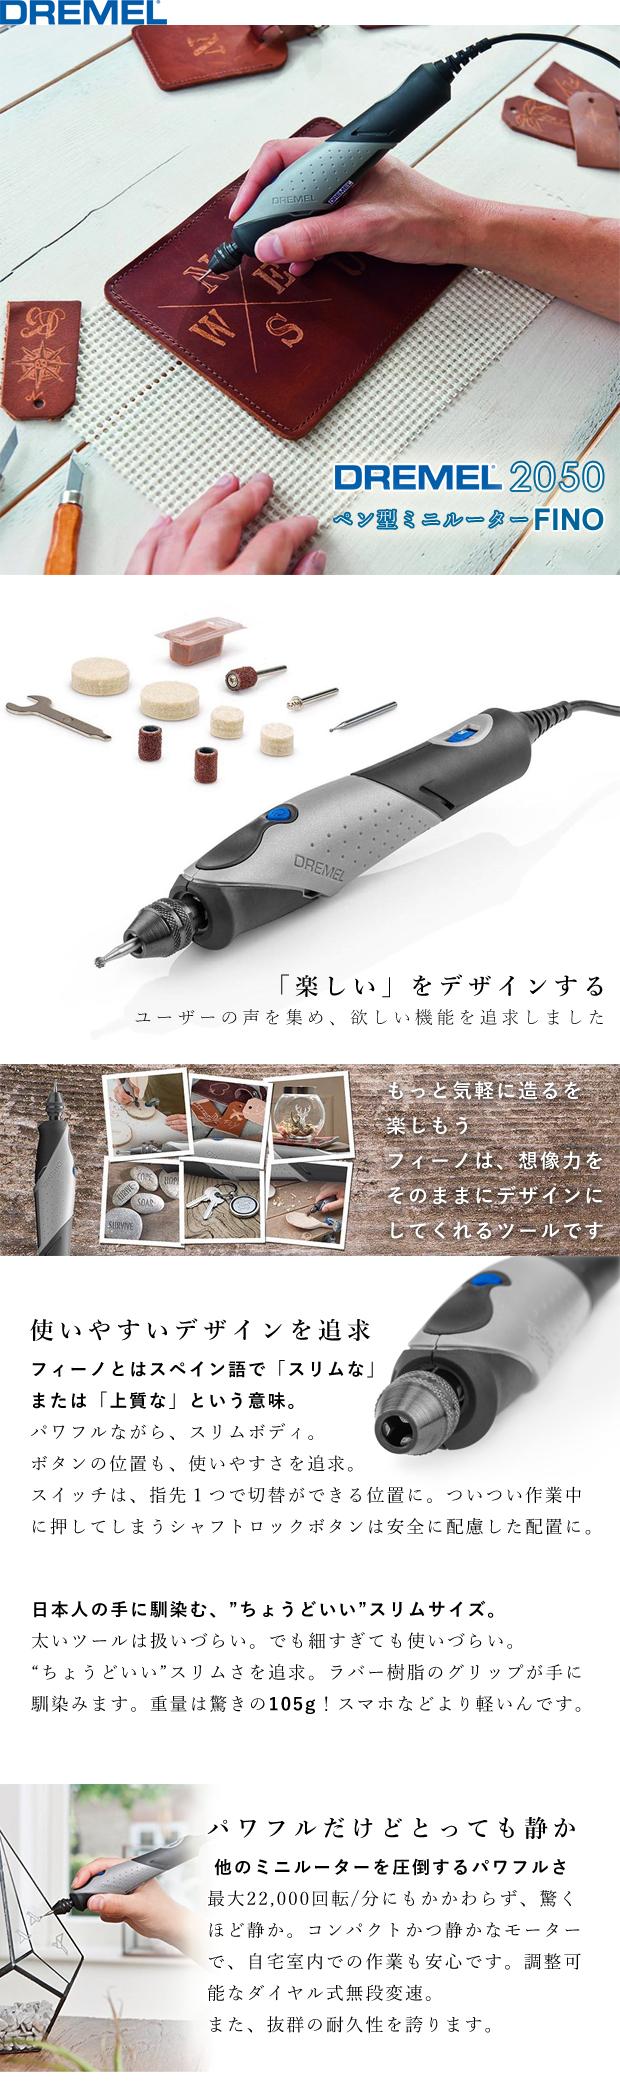 ドレメル ペン型ミニルーター DREMEL2050 フィーノ